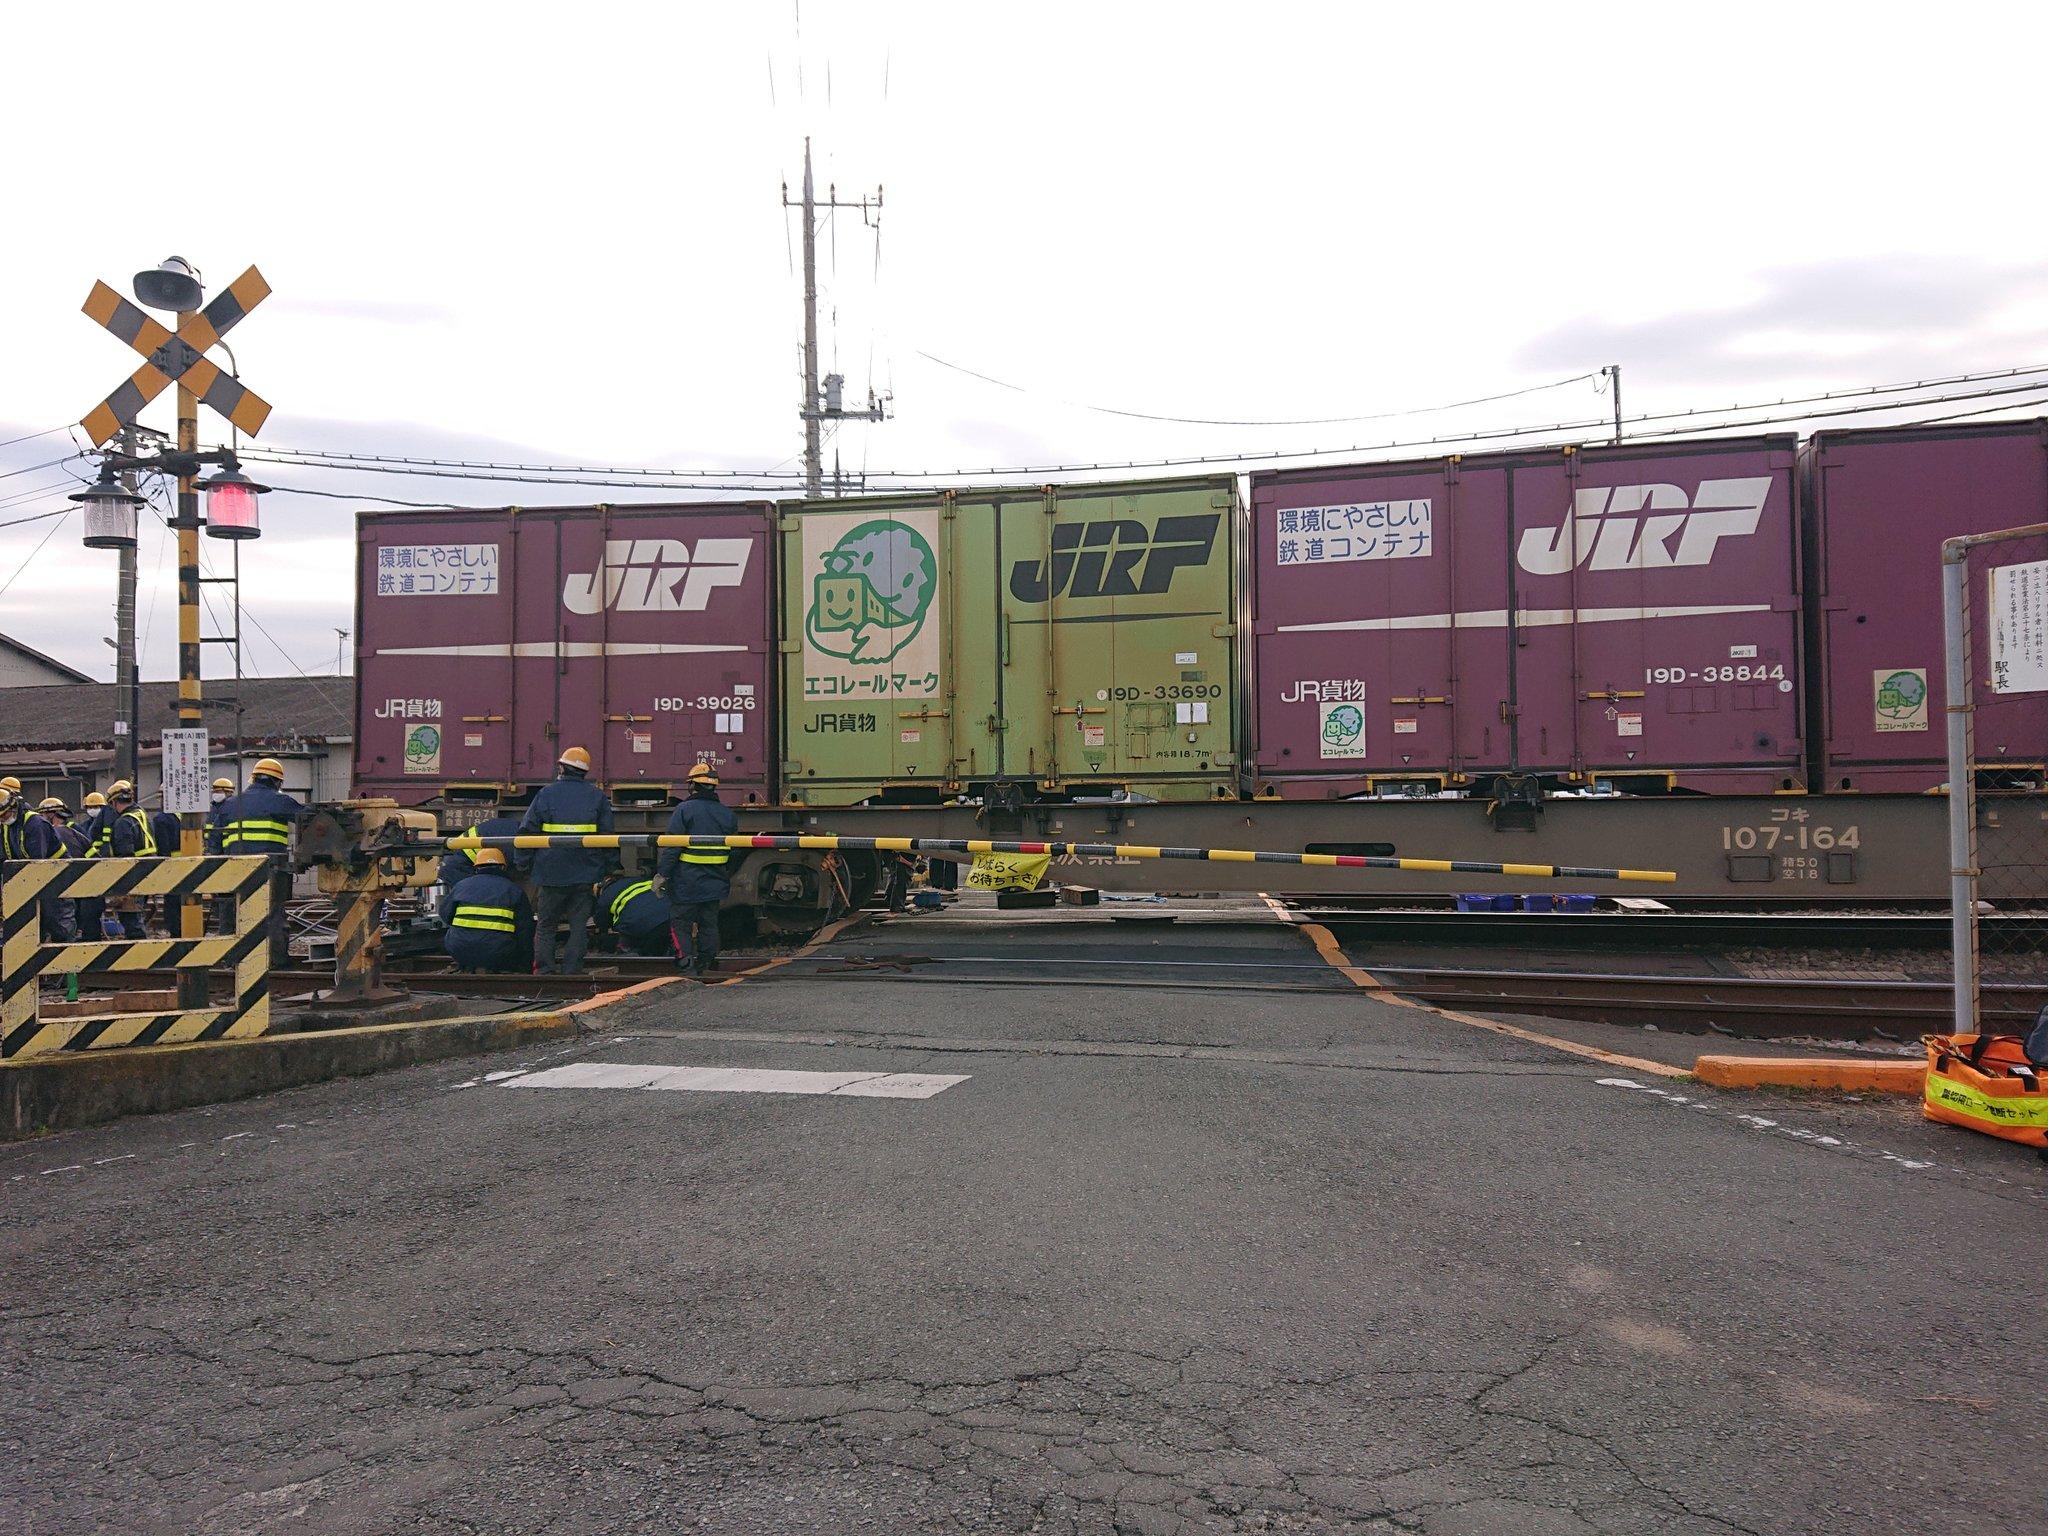 倉賀野貨物ターミナルでコキ107-164が脱線 日付をまたいでも復旧せず